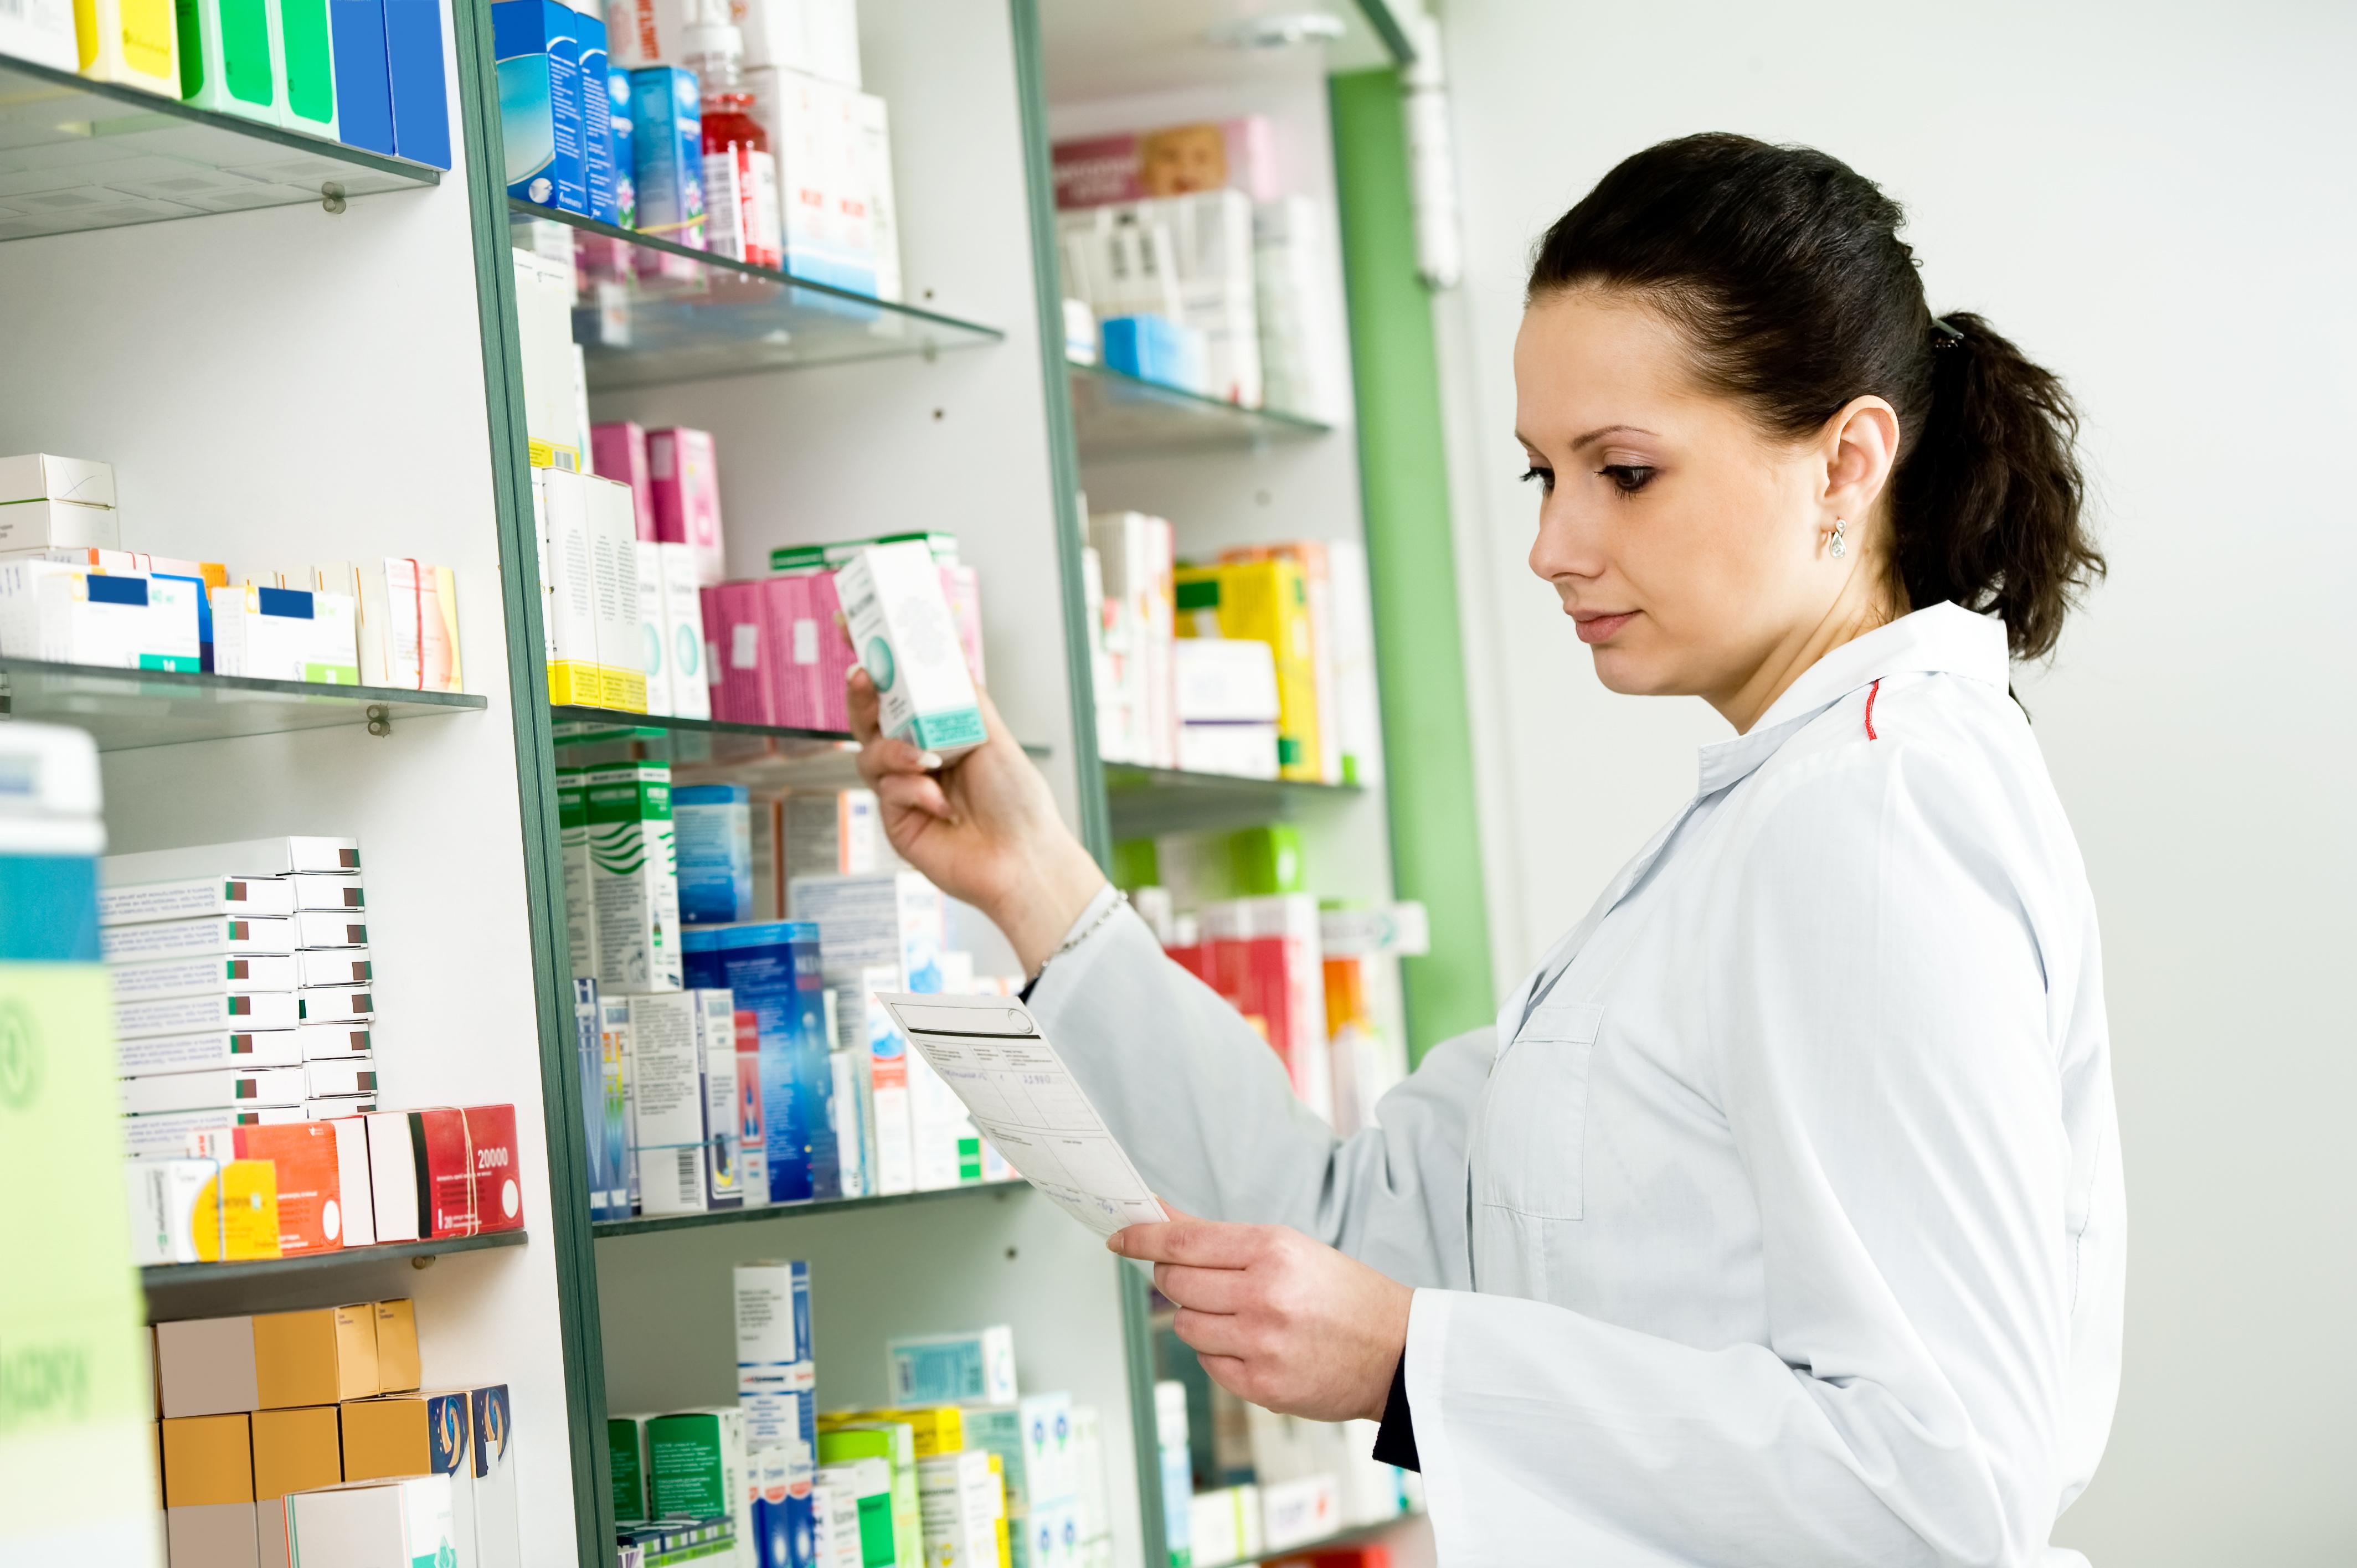 Разработка стратегии увеличения доходности на вложенный капитал аптечной сети